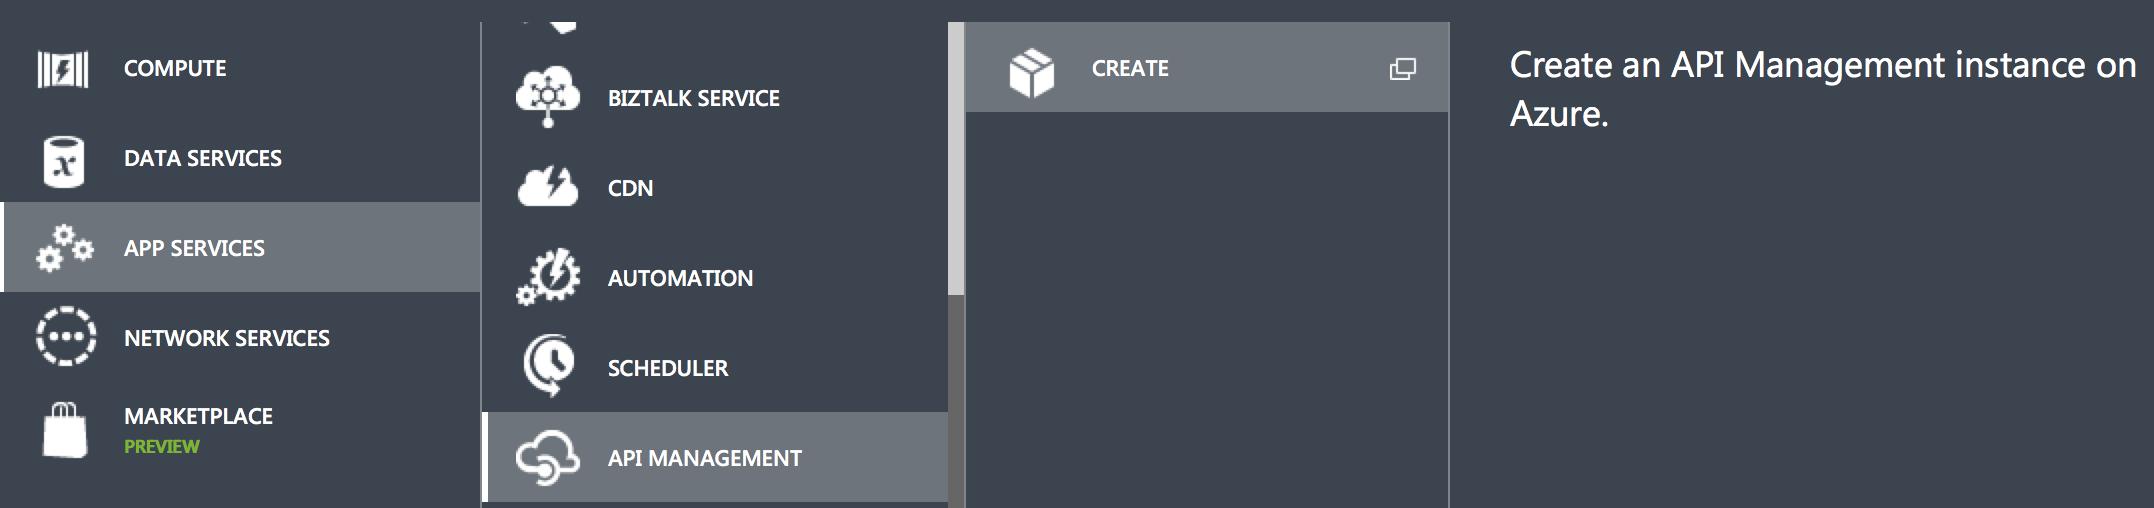 azure-api-create-2154x508